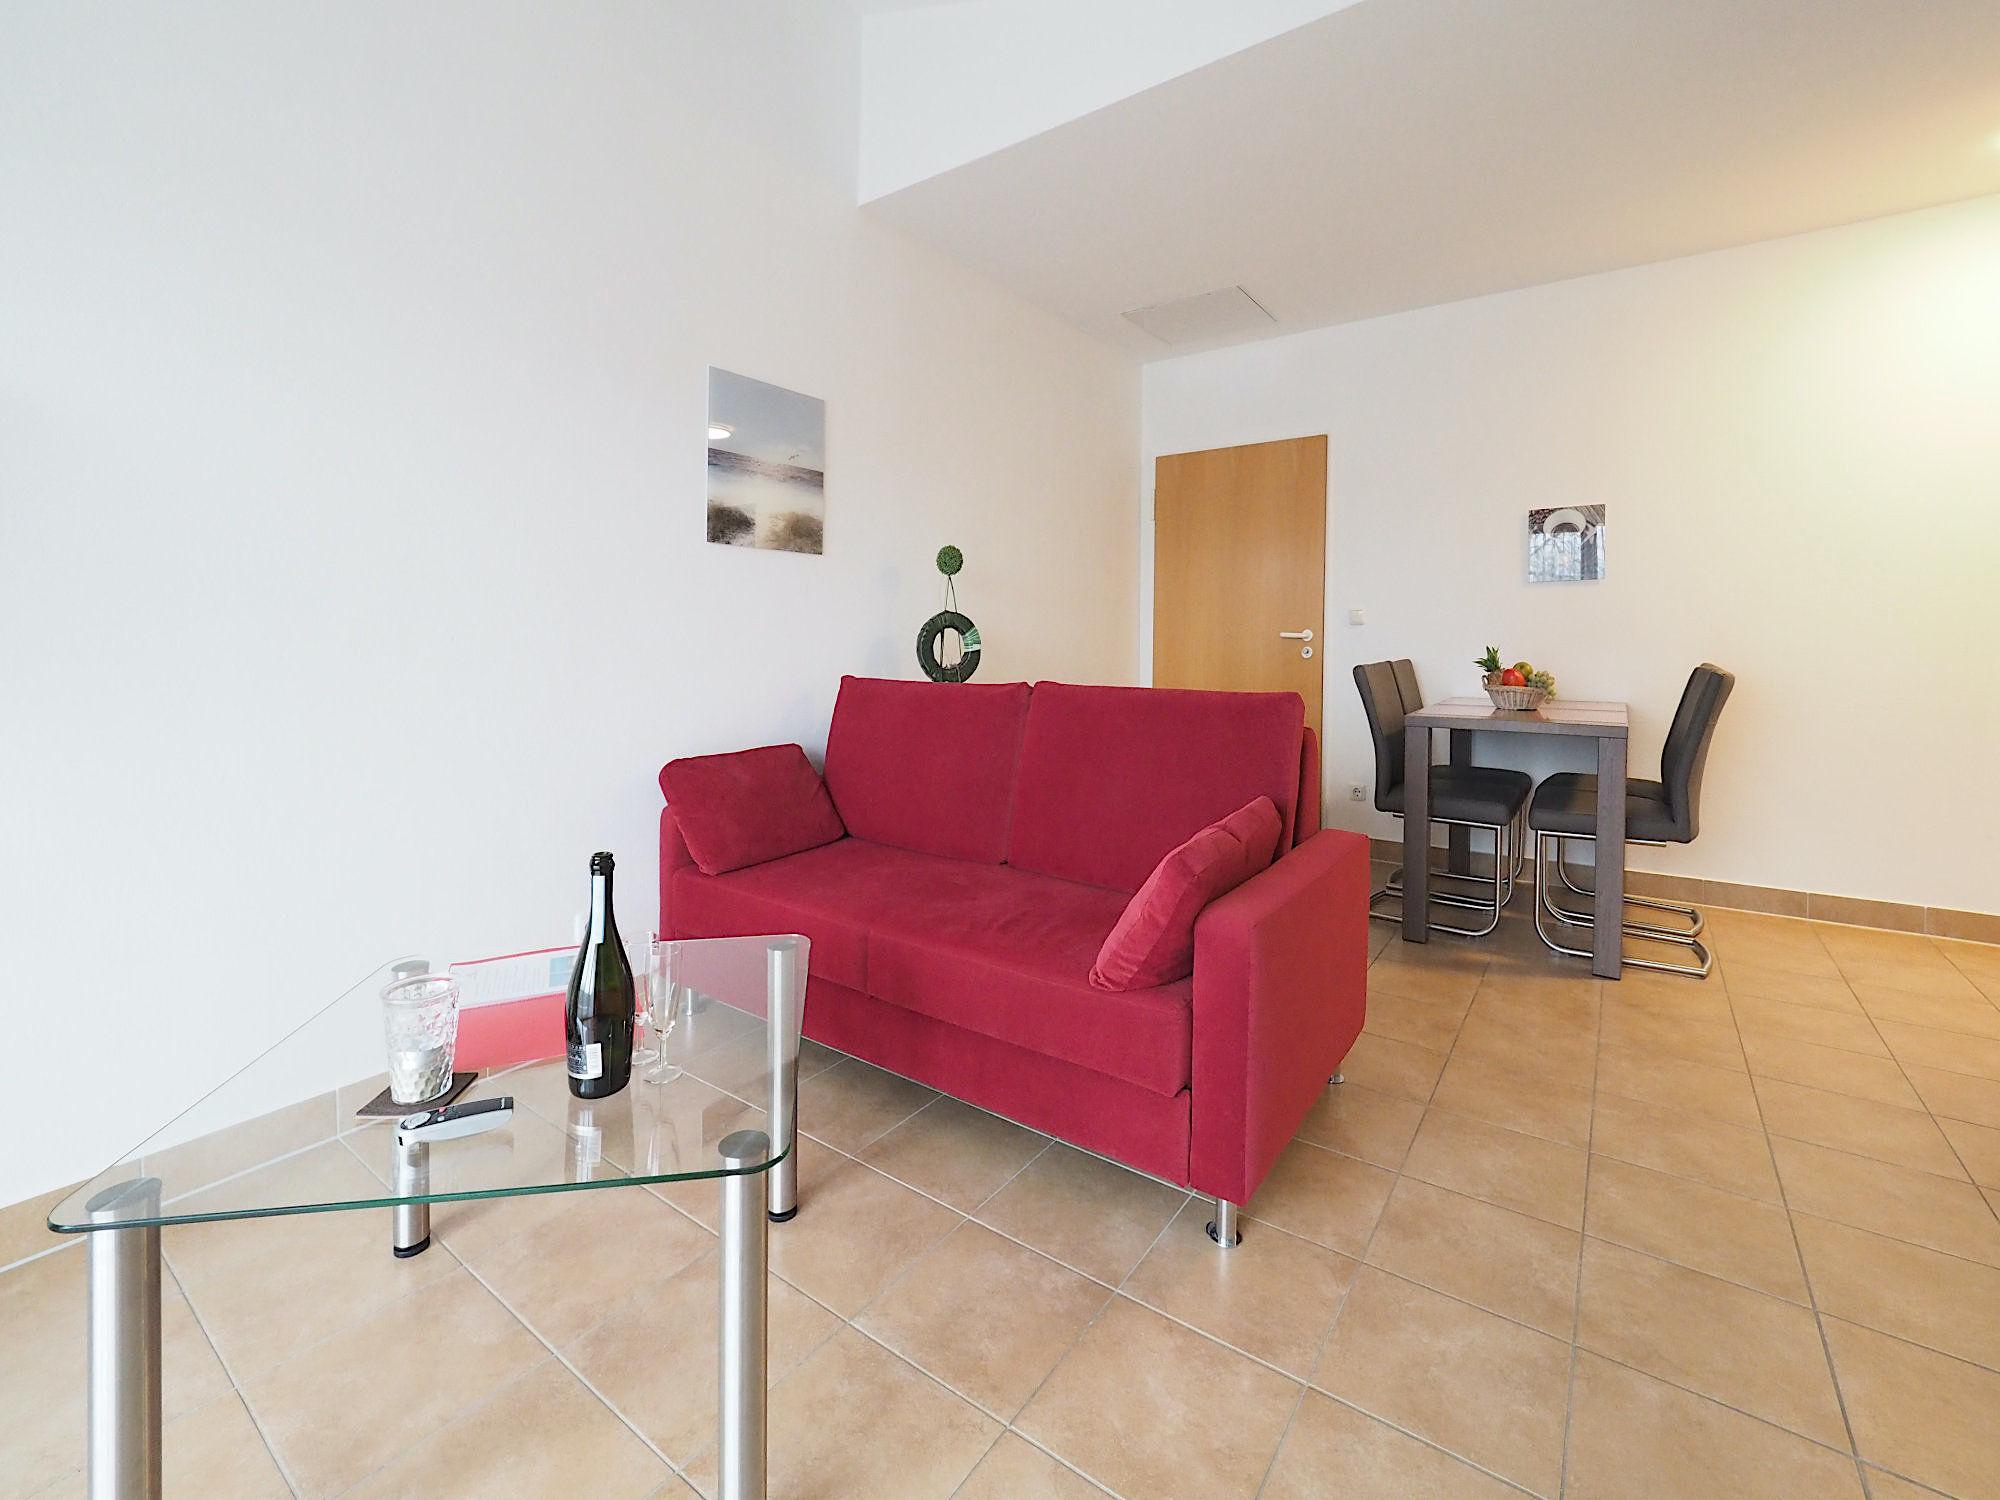 Wohnzimmer mit Couch und Glastisch, im Hintergrund ein Esstisch mit Stühlen